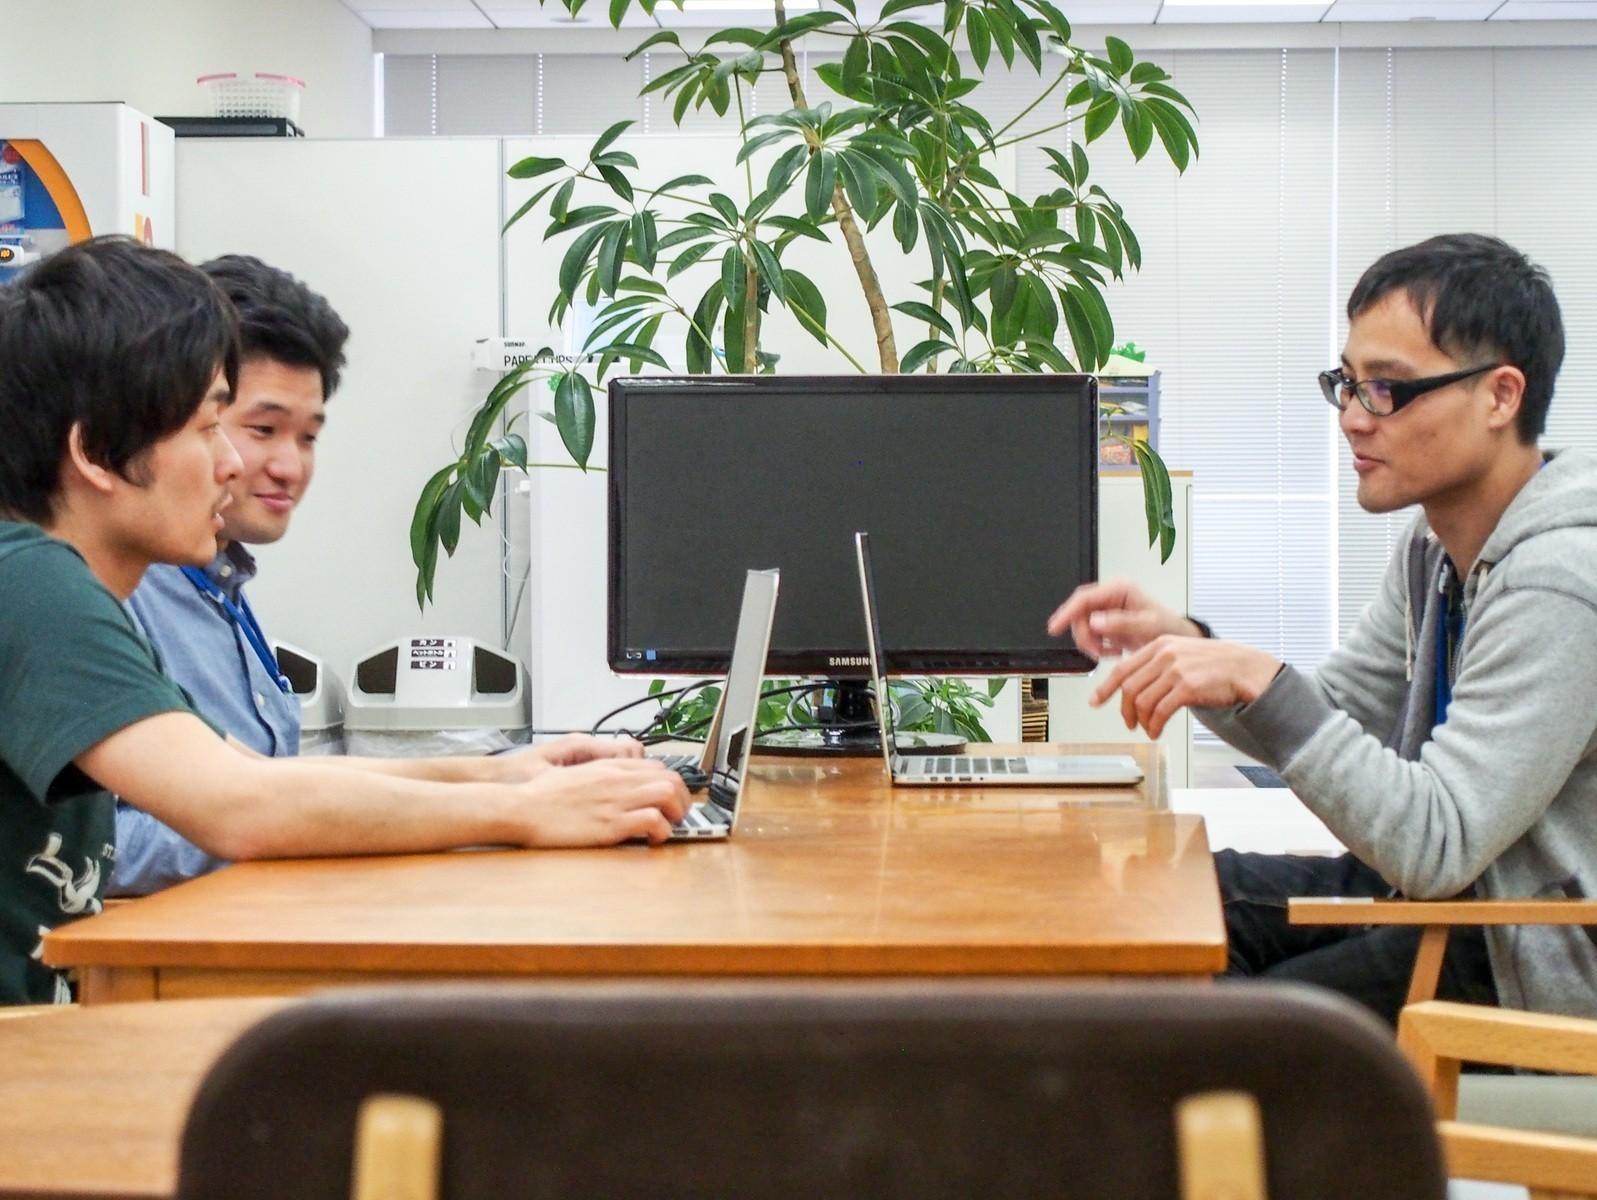 業界トッププロダクトでマーケティングをゲーム・チェンジする!WEBアプリエンジニア(リードエンジニア)